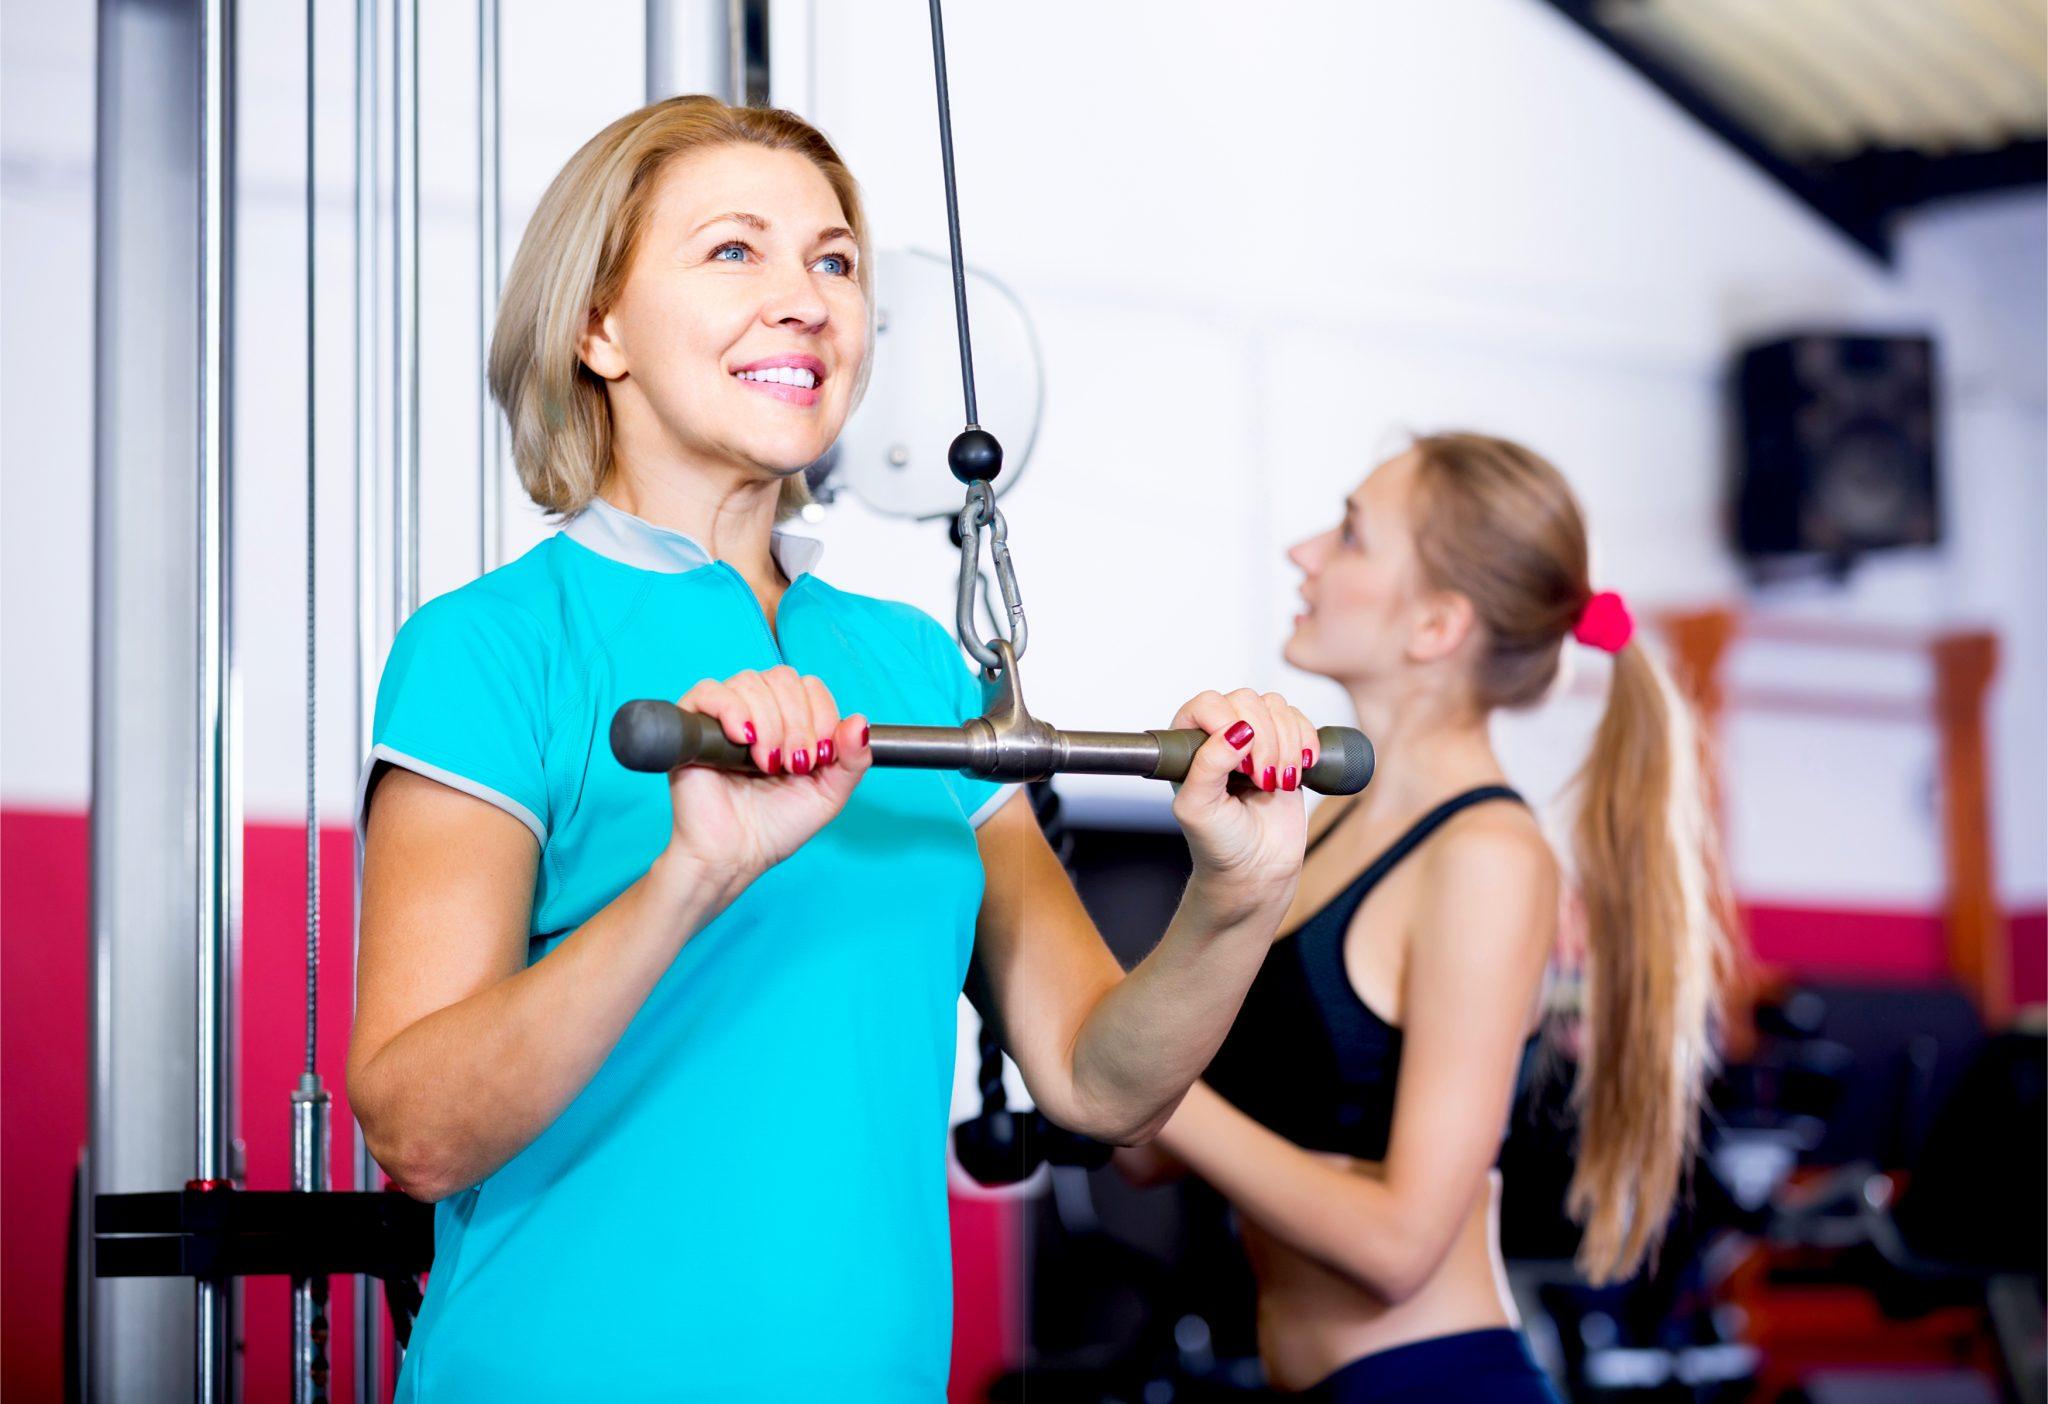 ジムで運動している女性